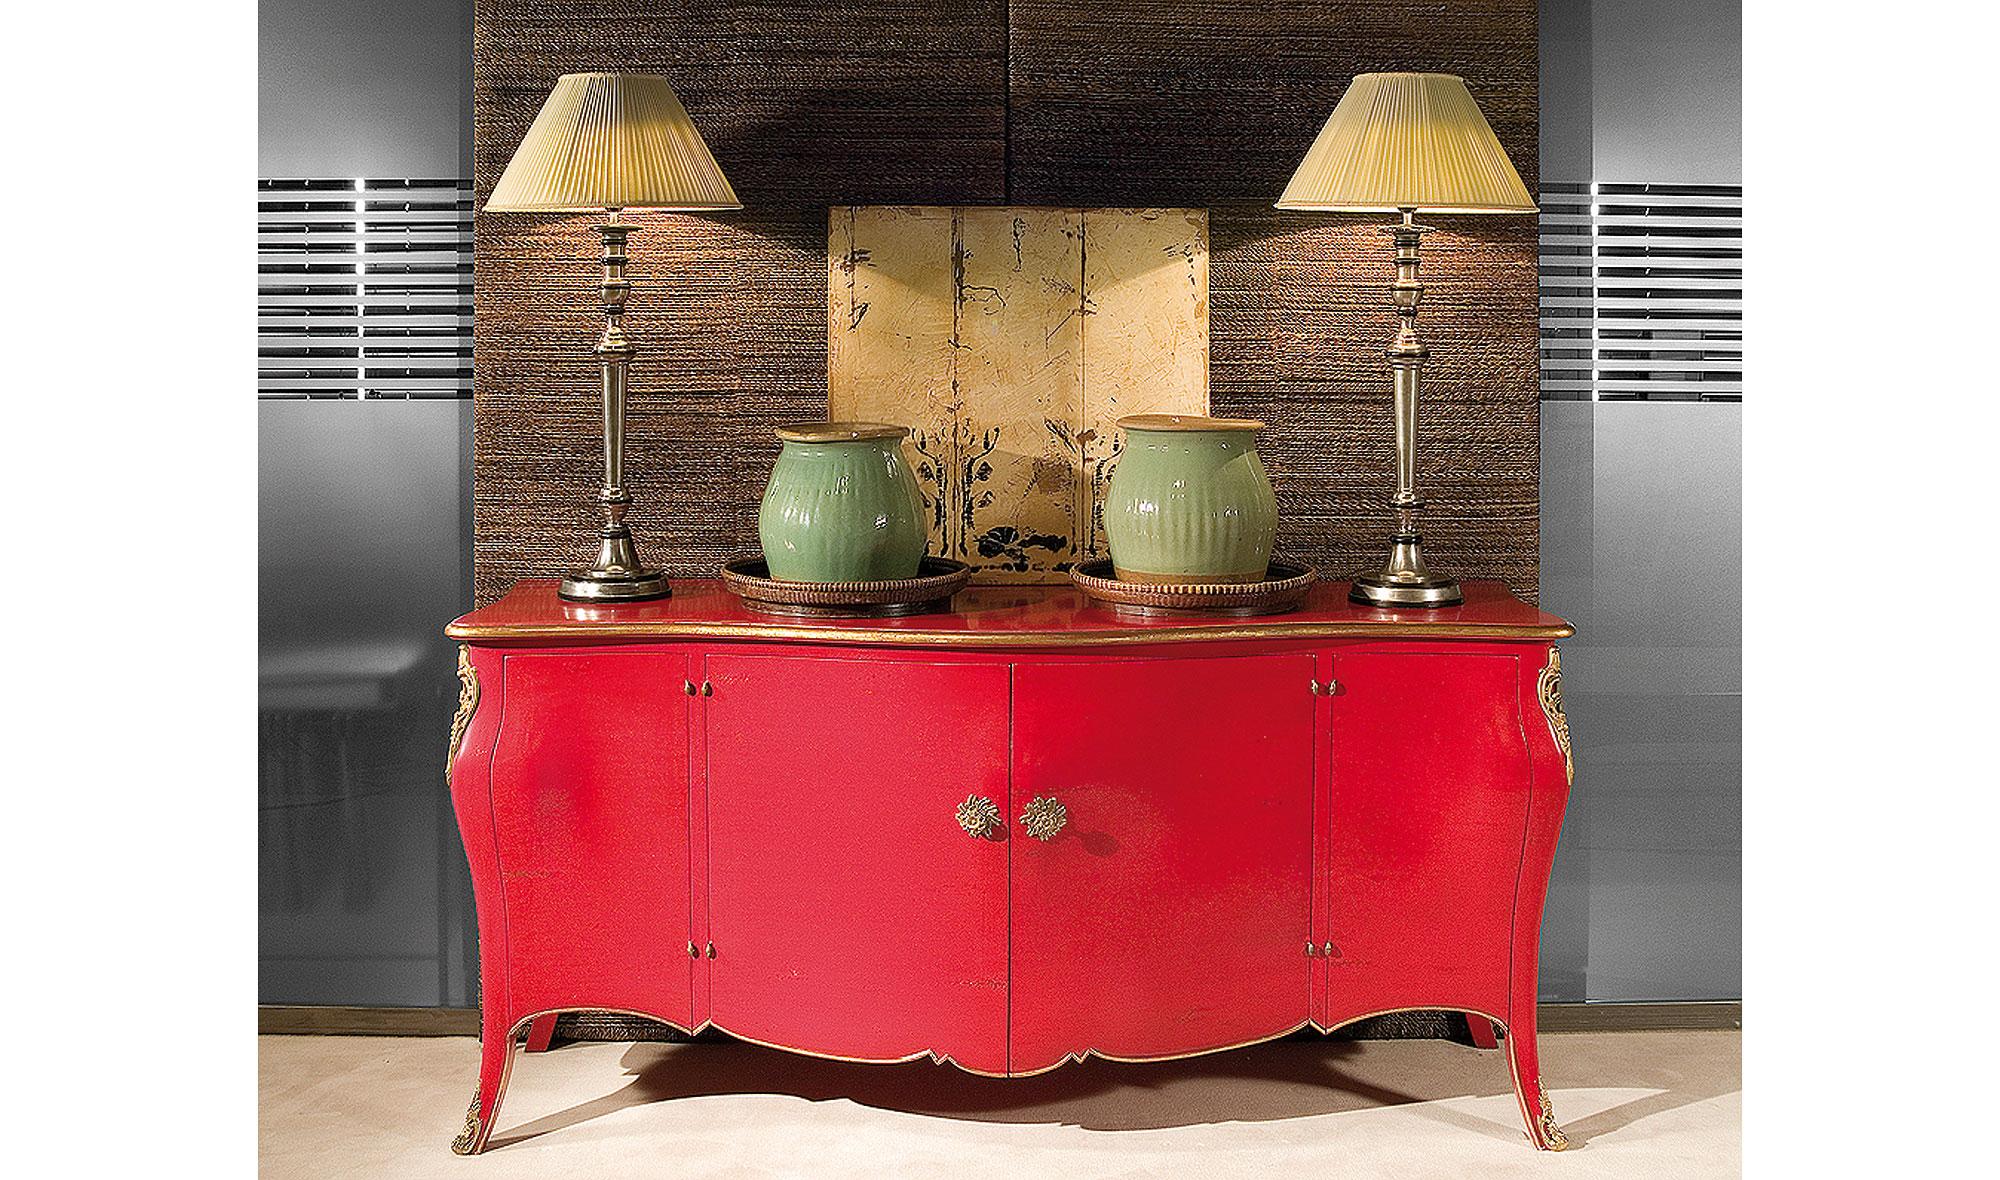 Aparador vintage regence rojo en - Mueble salon rojo ...